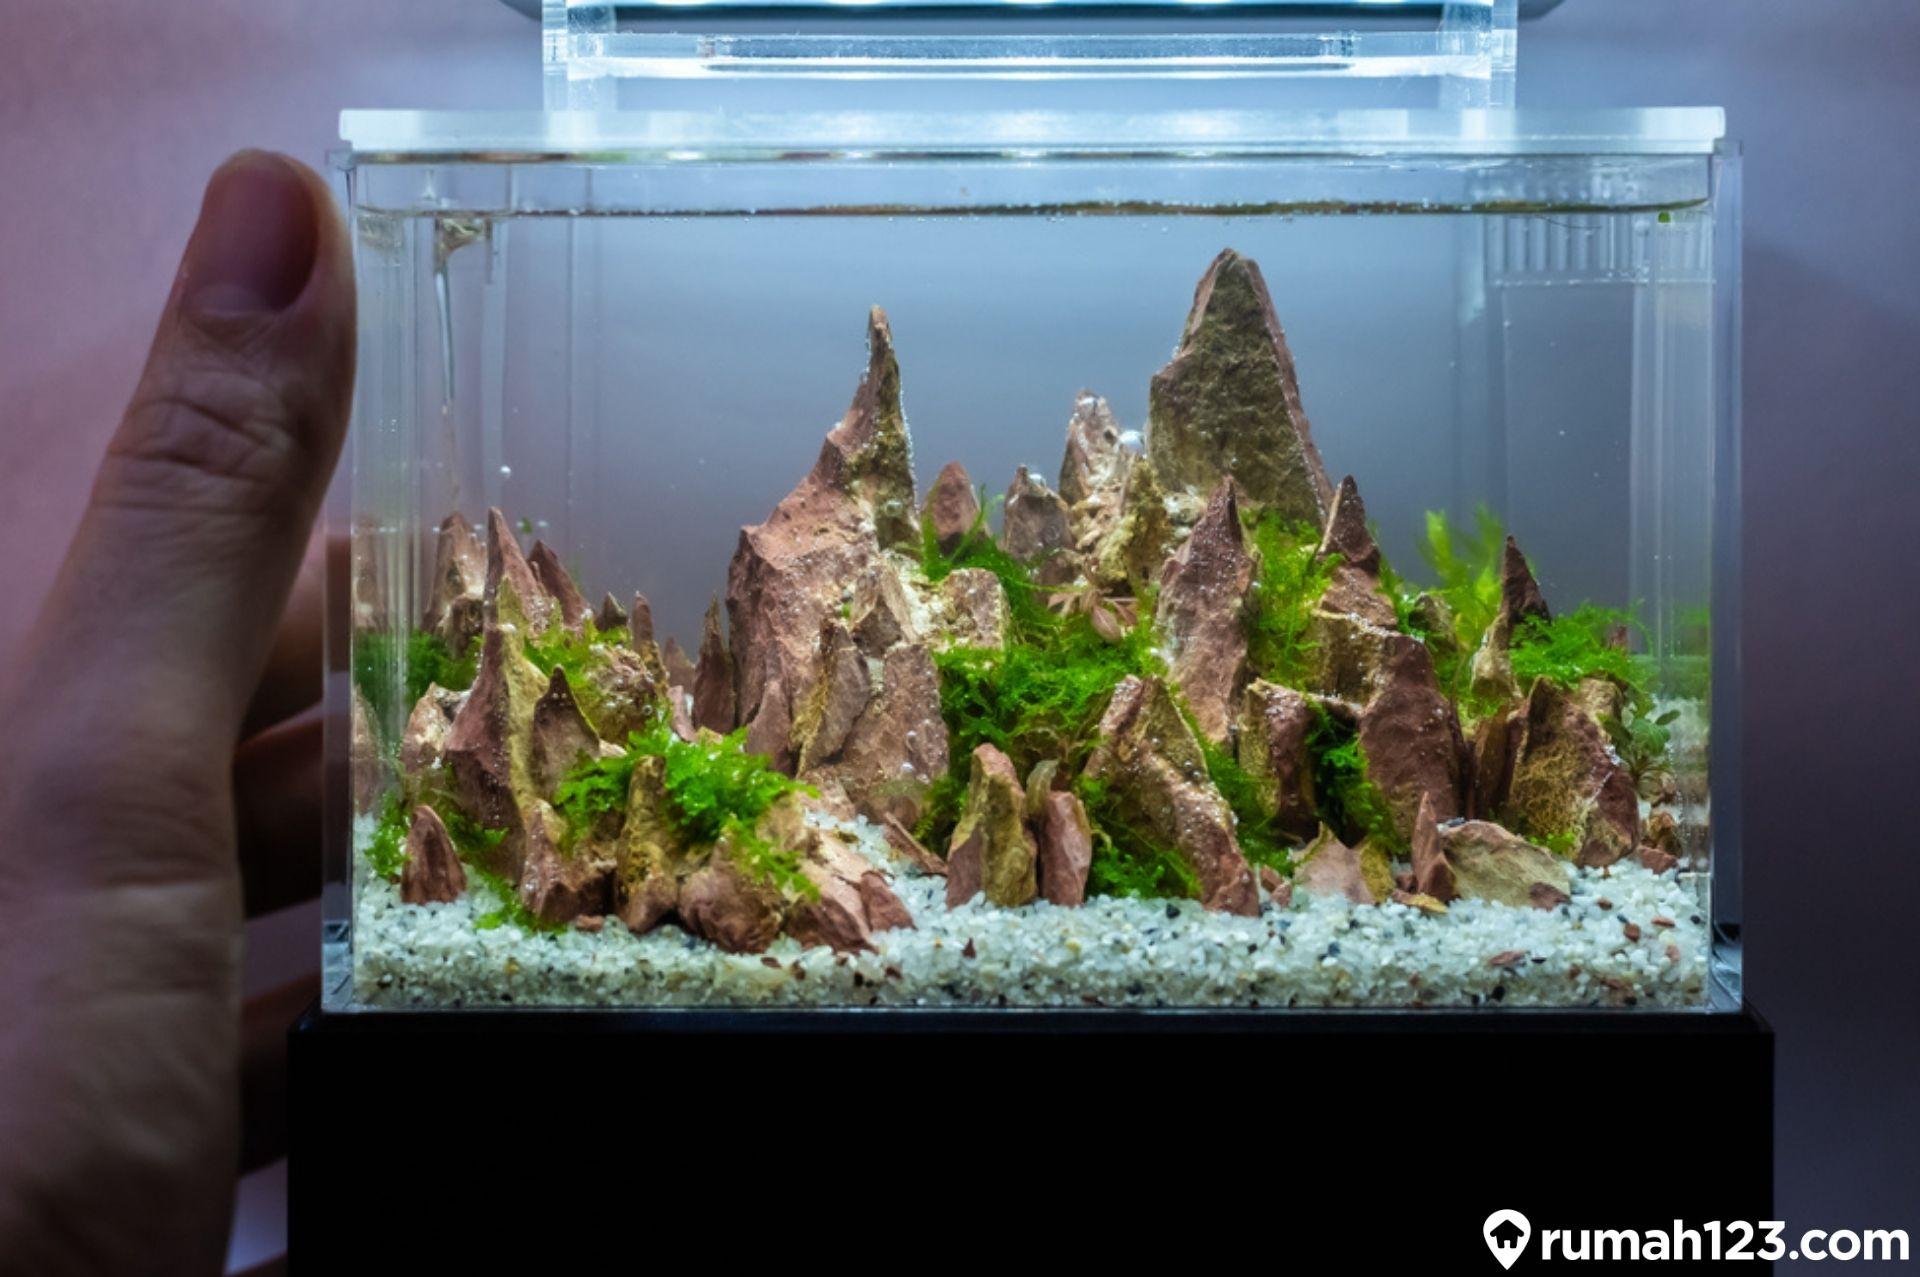 12 Desain Aquarium Minimalis Yang Estetis Dan Anti Makan Tempat Rumah123 Com Macam macam bentuk aquarium